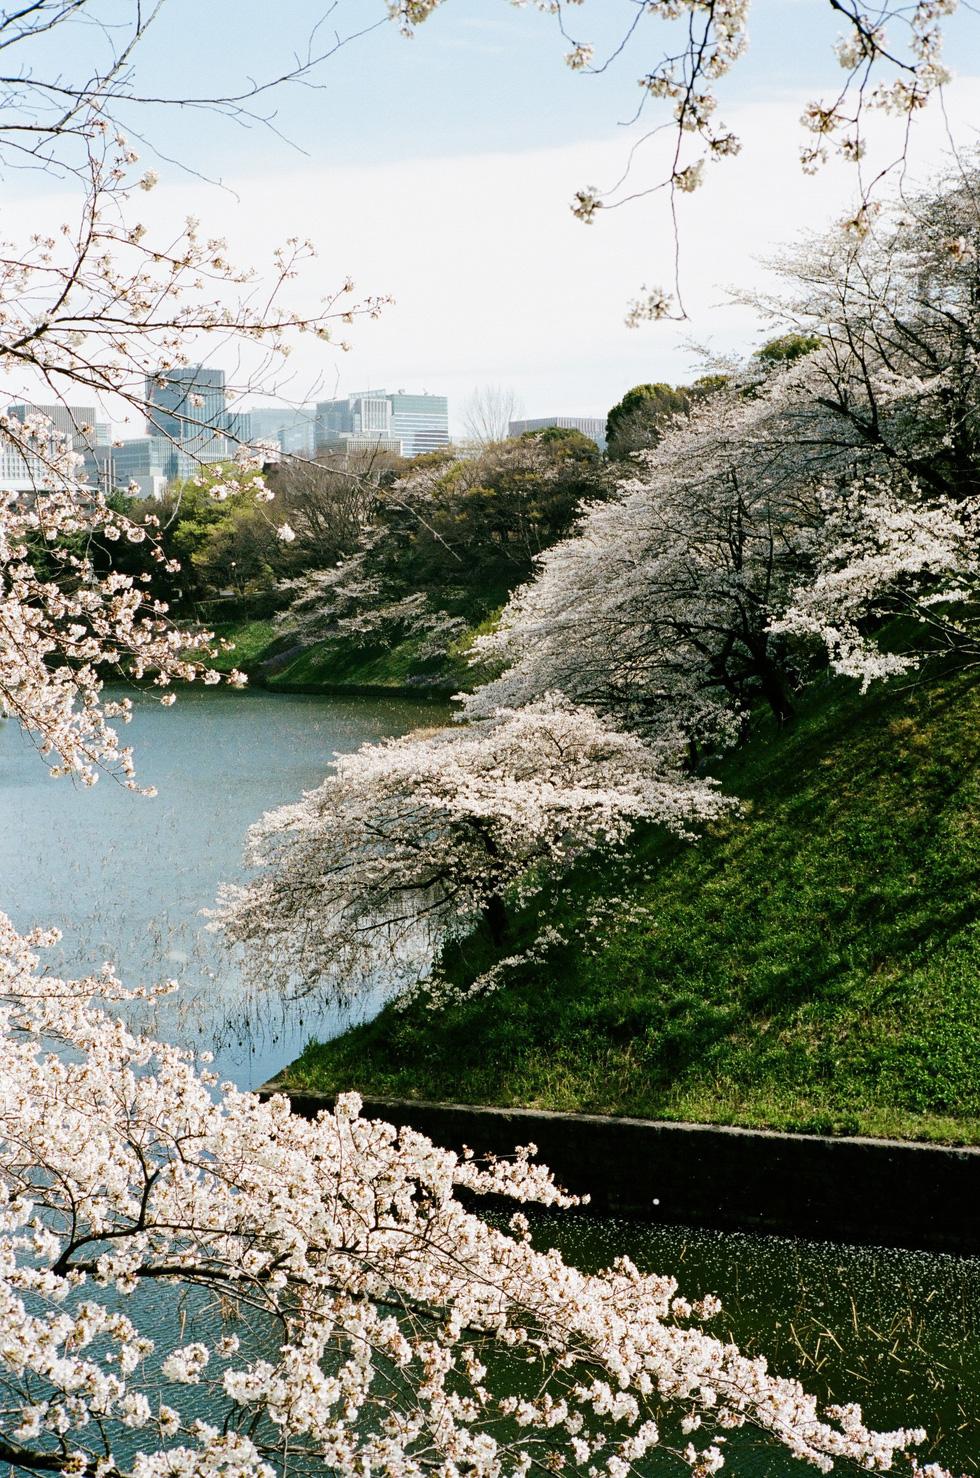 Nhật Bản cổ kính và rực rỡ qua ảnh phim  - Ảnh 3.